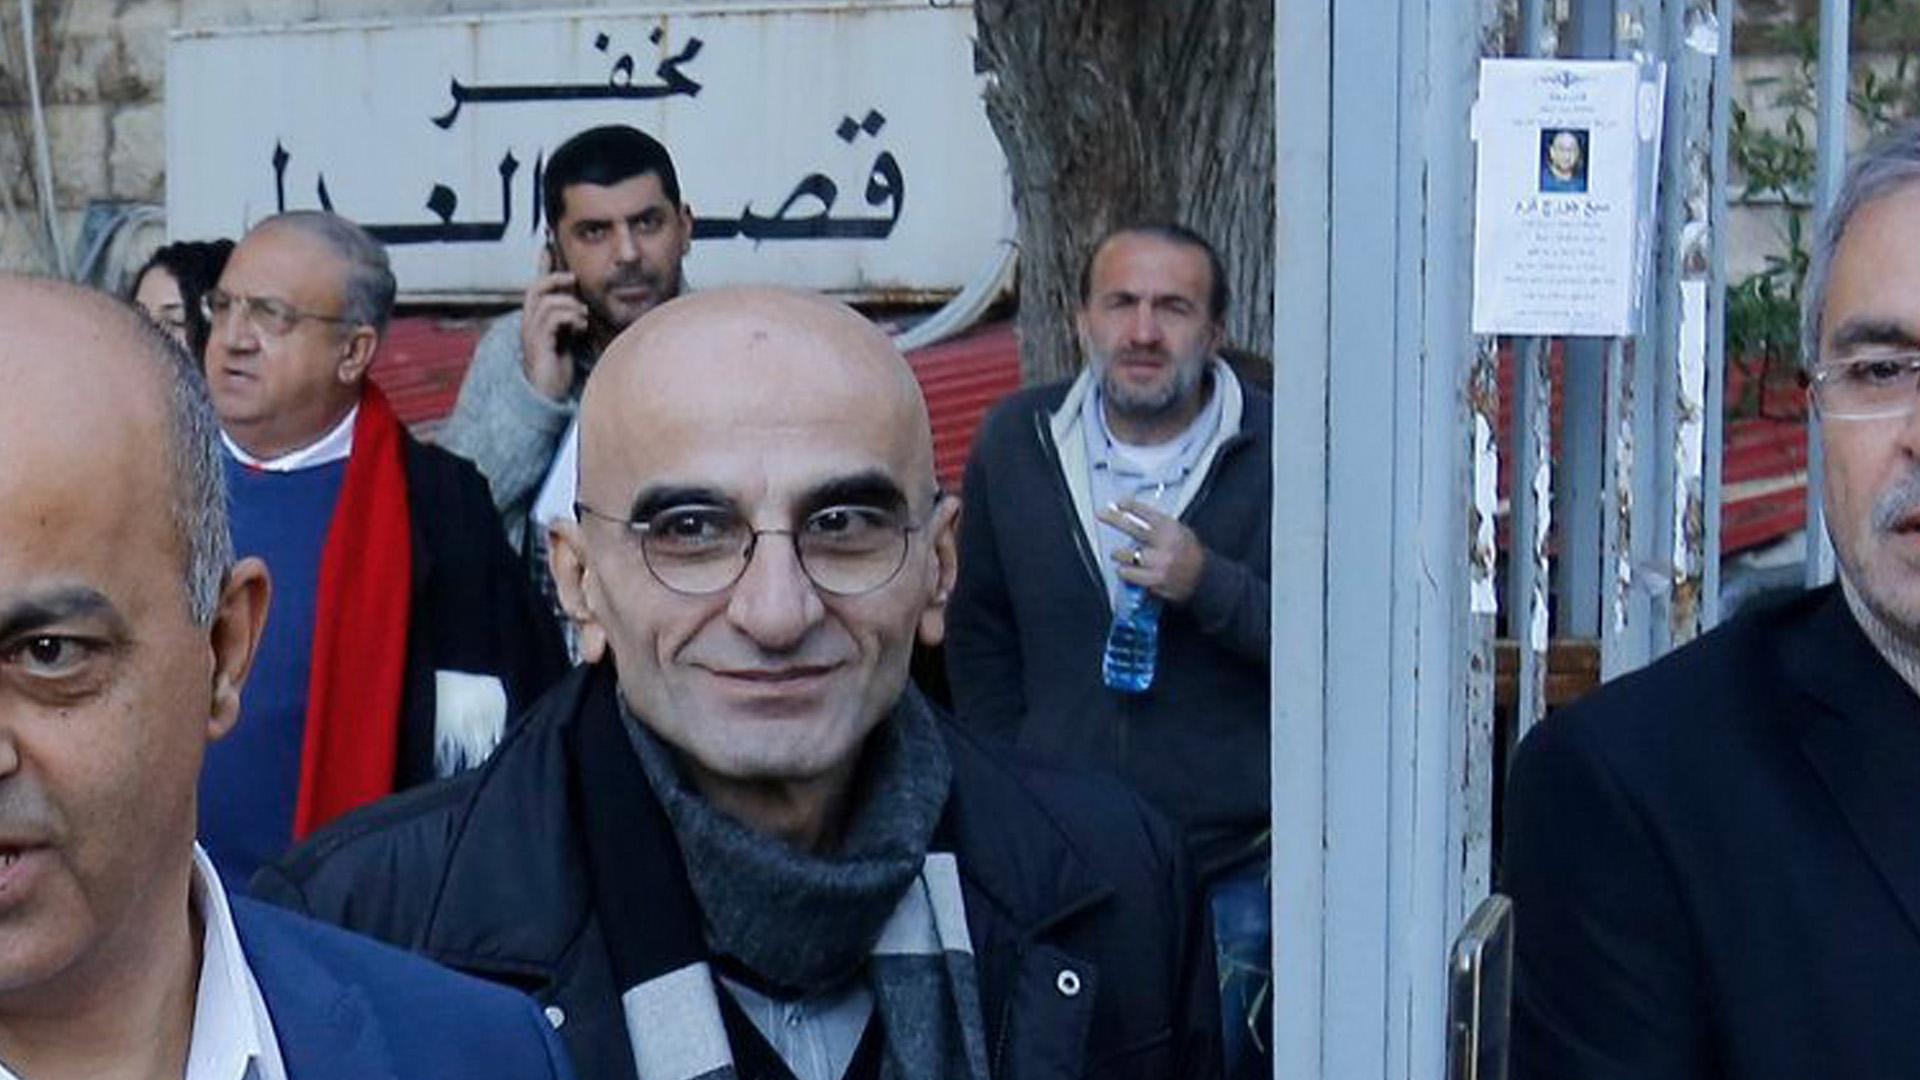 الشرق الأوسط | تعرّض صحافي لبناني لاعتداء بعد مشاركته في ندوة اقتصادية